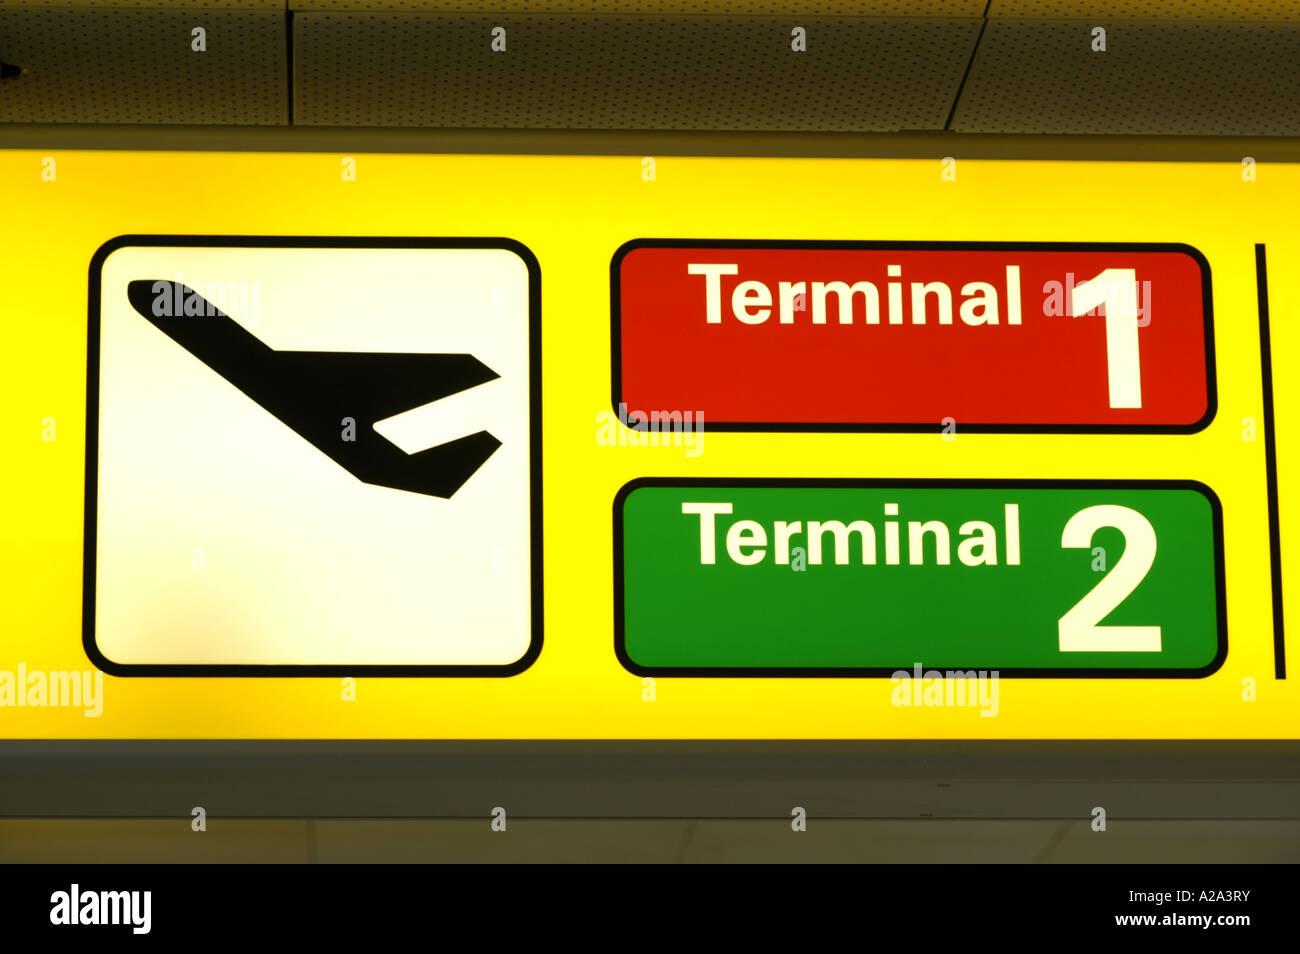 Internationalen Flughafen Wien Bei Wien Schwechat Abflug Terminal 1